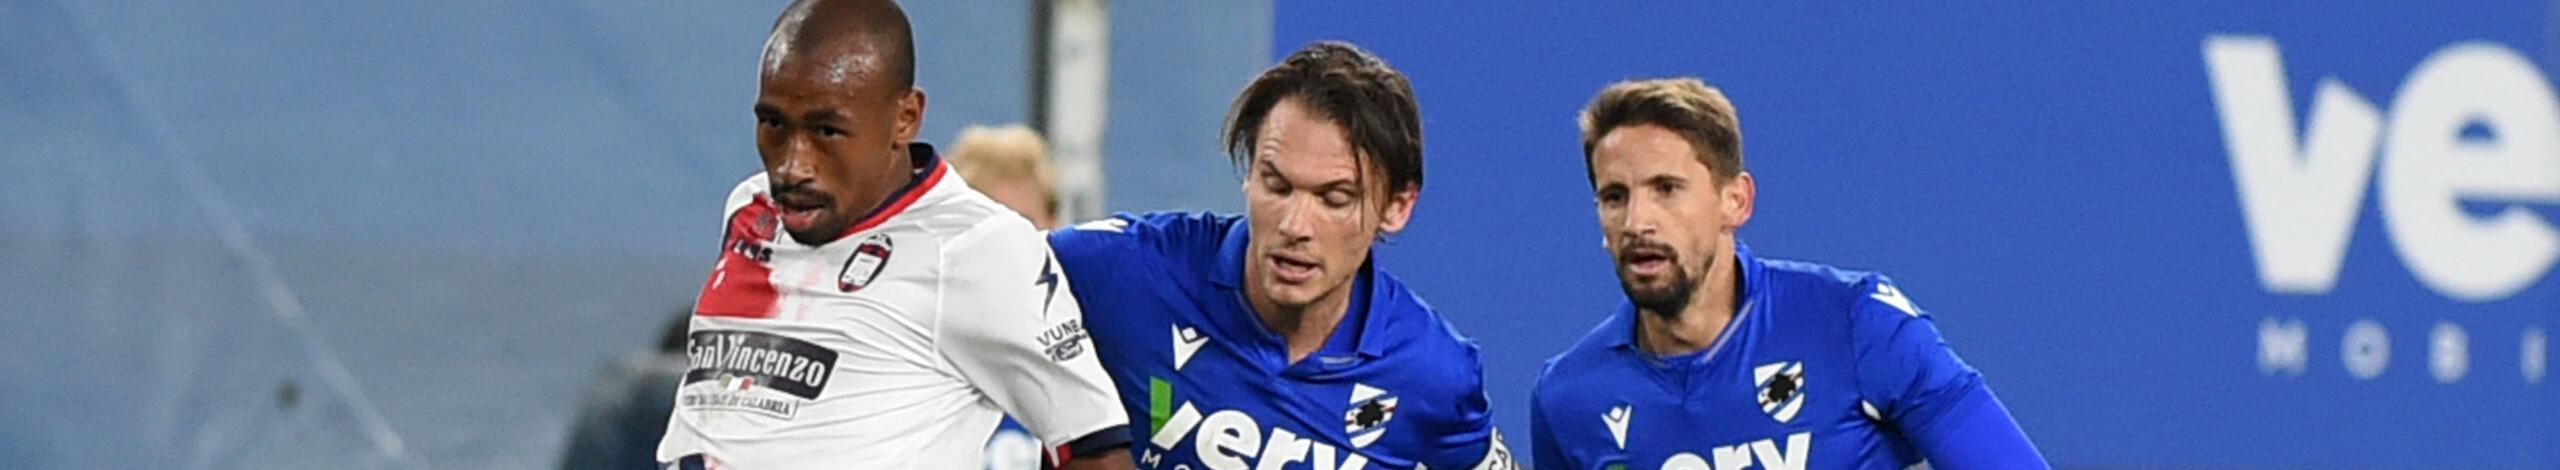 Crotone-Sampdoria, sfida tra due squadre ormai senza obiettivi